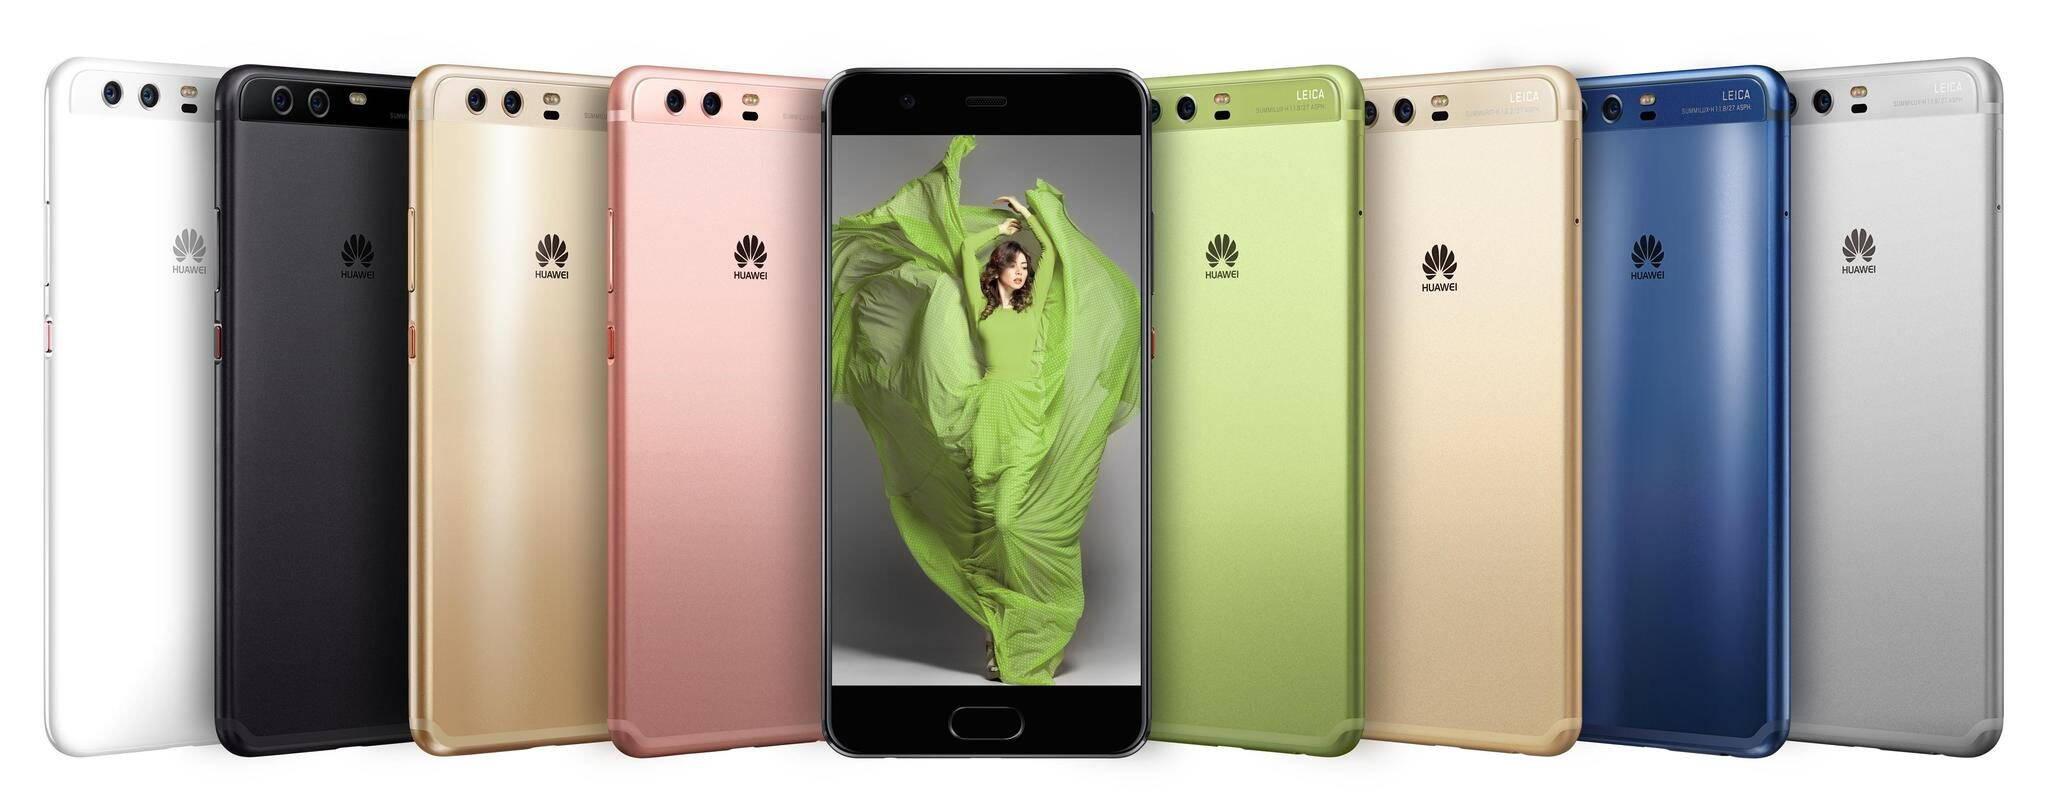 Huawei P10 Pret, Specificatii si Aspect al modelului 139